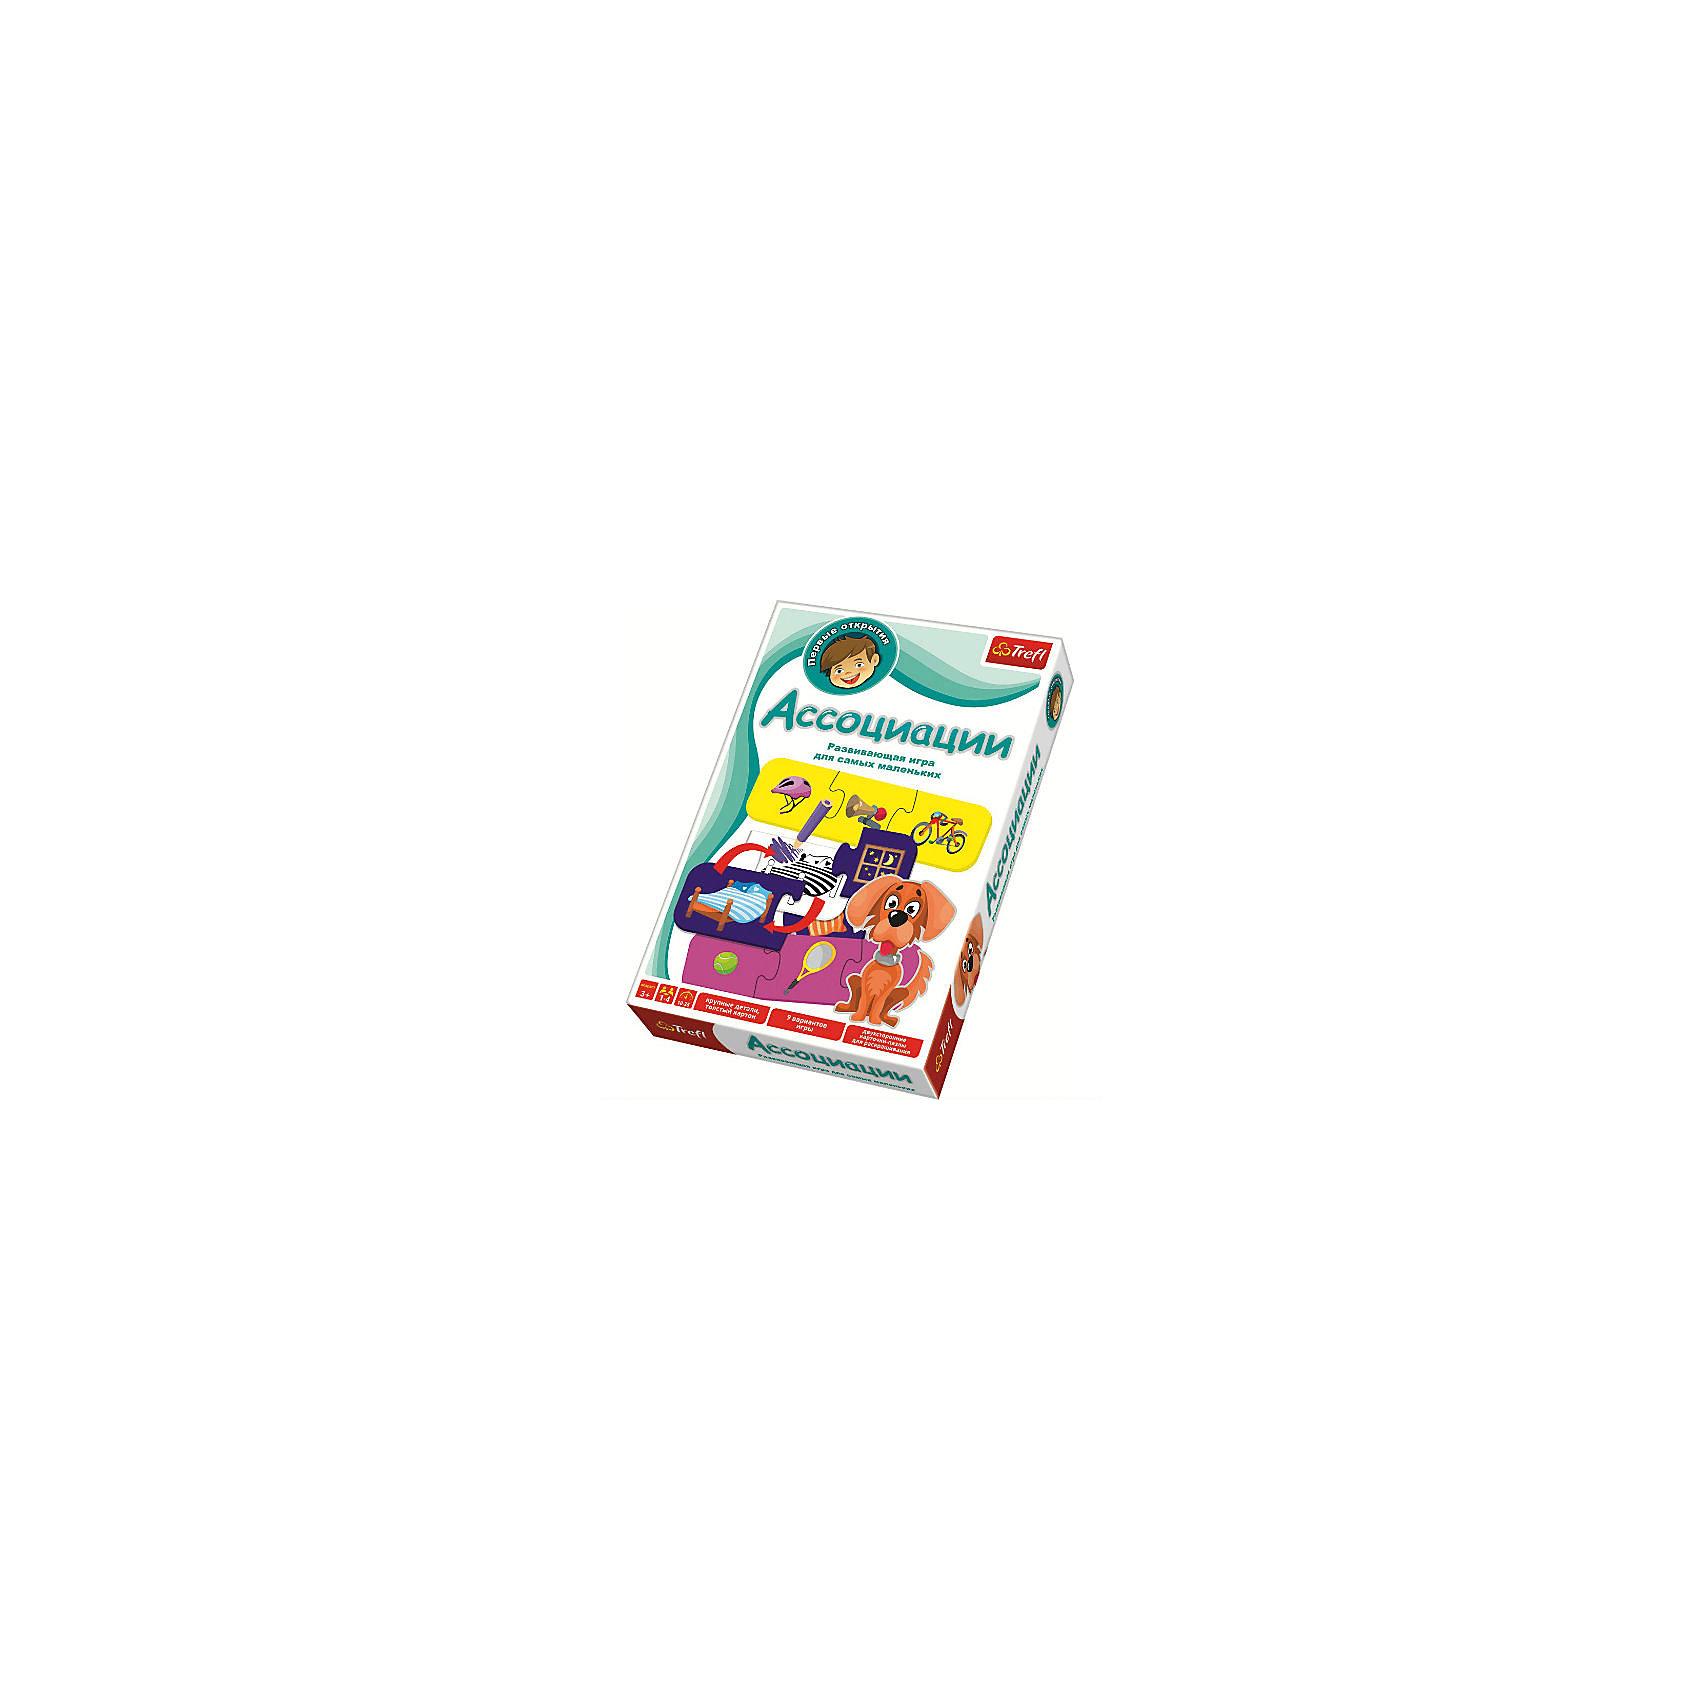 Игра Ассоциации,  TreflИгра Ассоциации, Trefl - увлекательная развивающая игра, в которой могут участвовать даже самые маленькие дети от 3 лет. Данная игра входит в серию Первые открытия, в разработке которой принимал участие коллектив педагогов, филологов, логопедов, социологов и психологов. В игре могут участвовать от 1 до 4 игроков. В наборе Вы найдете 72 карточки-пазла, на одной стороне которых яркий рисунок, а на другой - простая картинка для раскрашивания, которую малыш должен раскрасить сам. В инструкции представлено 9 различных вариантов игры, от самых простых до самых сложных. В самом простом варианте малышу предложено сложить крупные картинки-пазлы, подобрав к каждой правильные части. Более сложные варианты игры предусматривают поиск предметов, создание мини-историй с участием карточек, игры на сообразительность и скорость. Возраст игроков: 3-5 лет. Игра развивает логическое мышление и творческую фантазию, учит ребенка быть внимательным и сосредоточенным. <br><br>Дополнительная информация:<br><br>- Серия: Первые открытия.<br>- В комплекте: 72 карточки-пазла.<br>- Материал: картон.<br>- Размер упаковки: 28,8 х 19,3 х 4,1 см.<br>- Вес: 0,42 кг.<br><br>Игру Ассоциации, Trefl, можно купить в нашем интернет-магазине.<br><br>Ширина мм: 288<br>Глубина мм: 193<br>Высота мм: 193<br>Вес г: 420<br>Возраст от месяцев: 36<br>Возраст до месяцев: 60<br>Пол: Унисекс<br>Возраст: Детский<br>SKU: 4043684